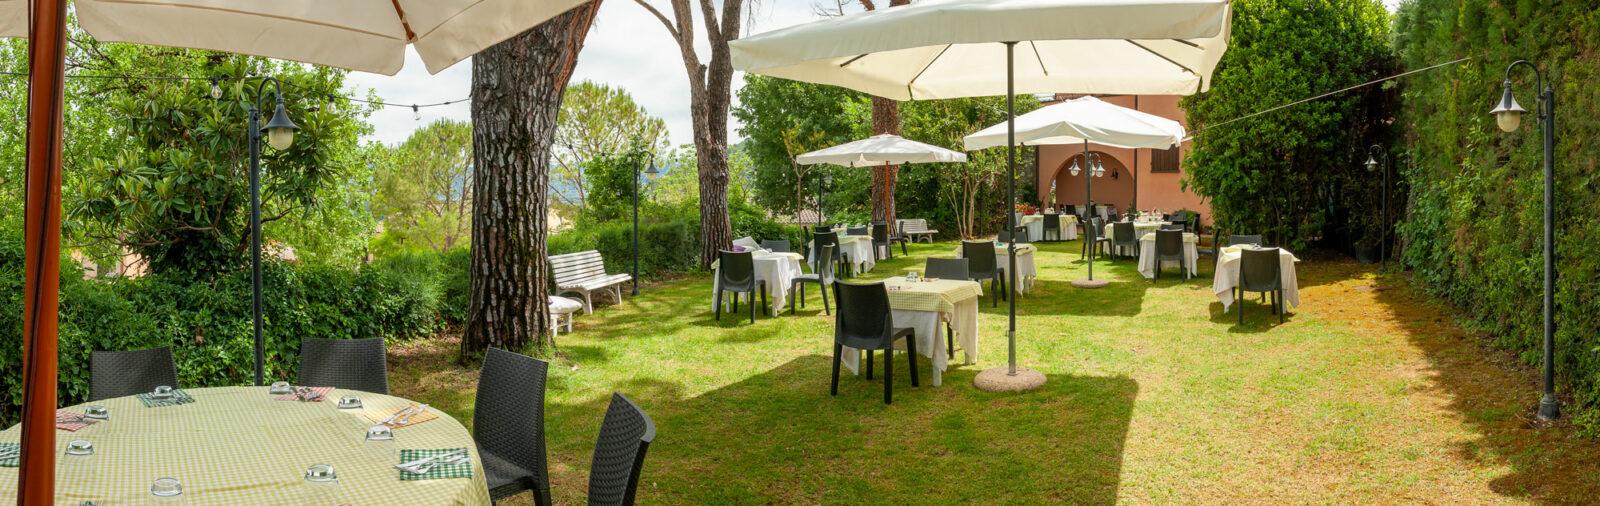 la-fattoria-ristorante-pizzeria-albergo-giardino-panoramica-2